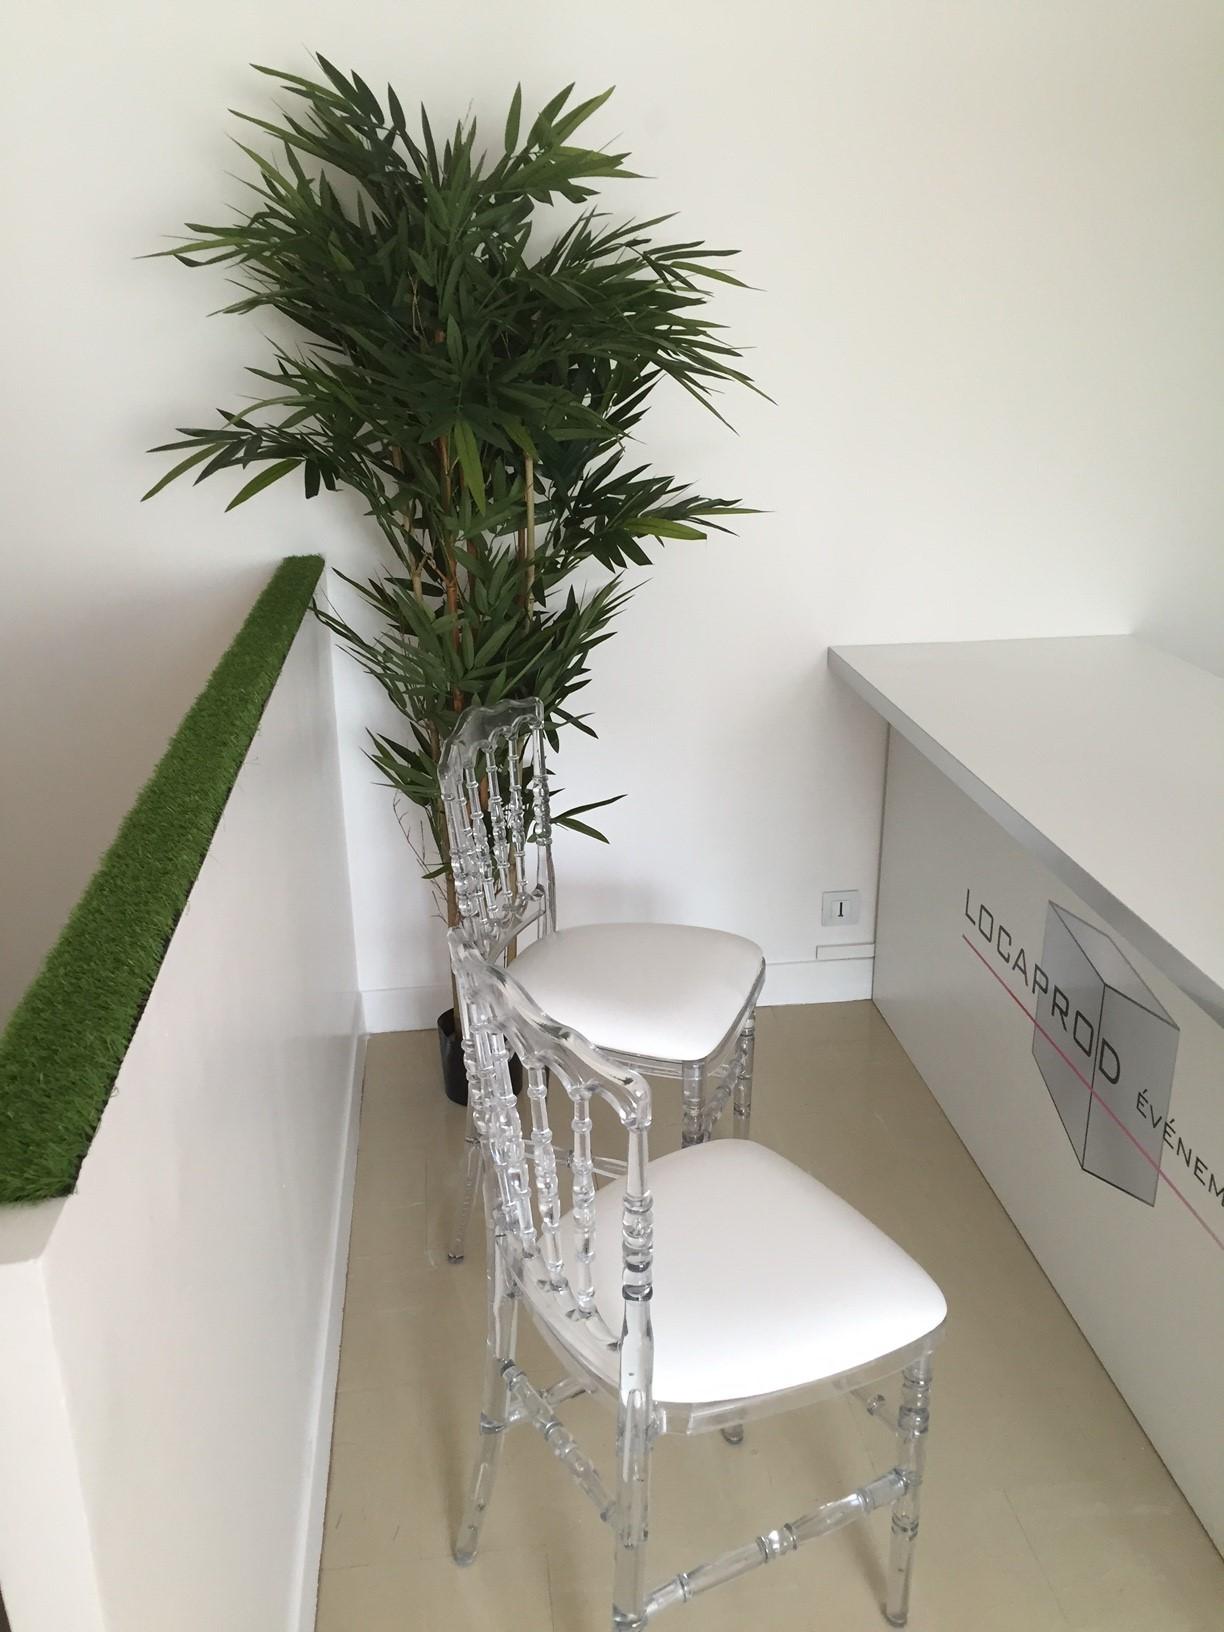 location de bambou artificiel 180cm location mobilier de r ception paris locaprod ev nement. Black Bedroom Furniture Sets. Home Design Ideas